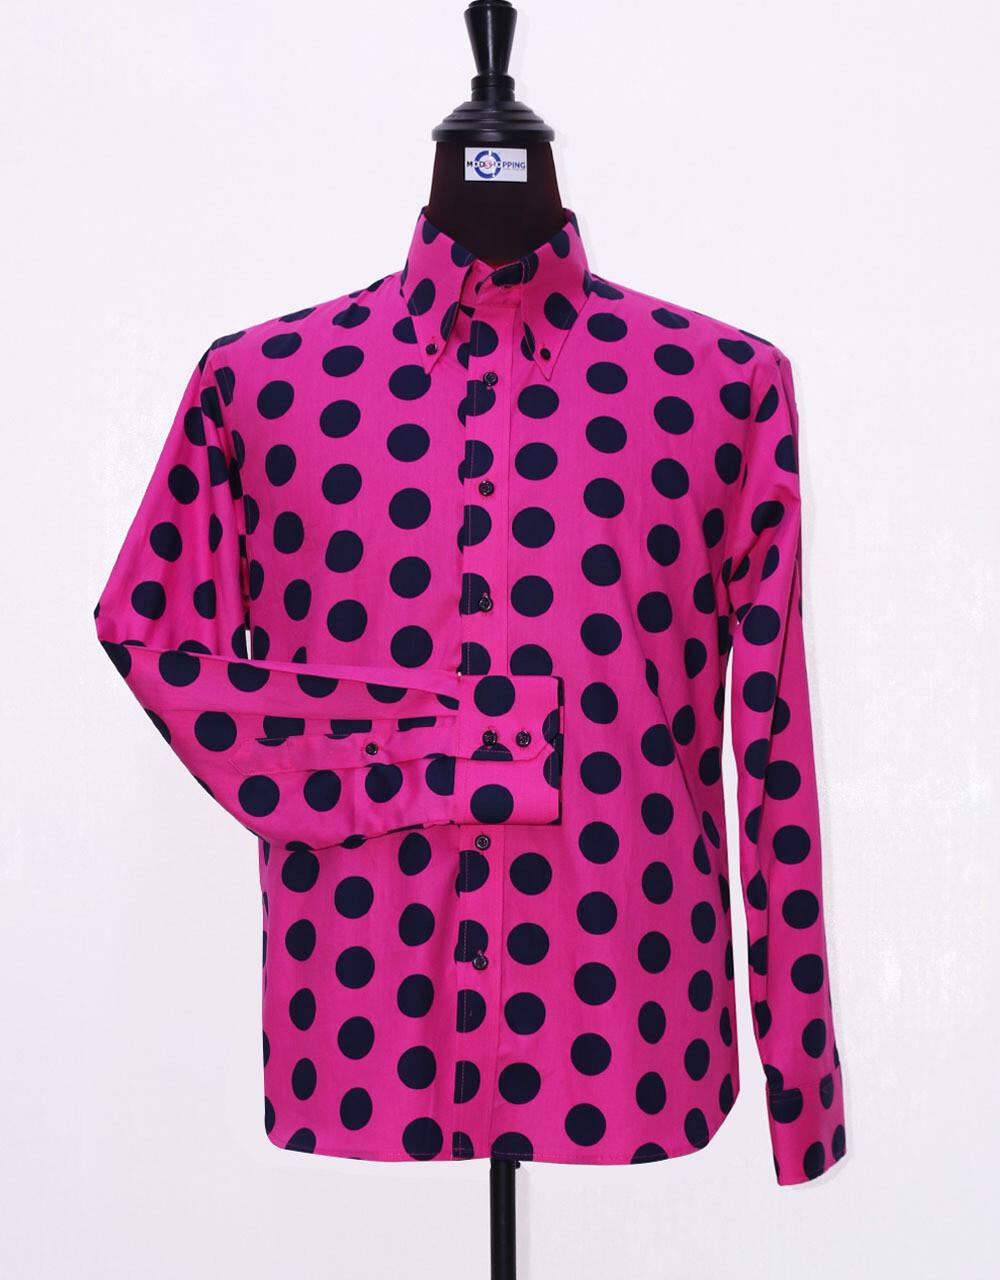 Mod Shirt | Large Fuchsia Polka Dot  Shirt